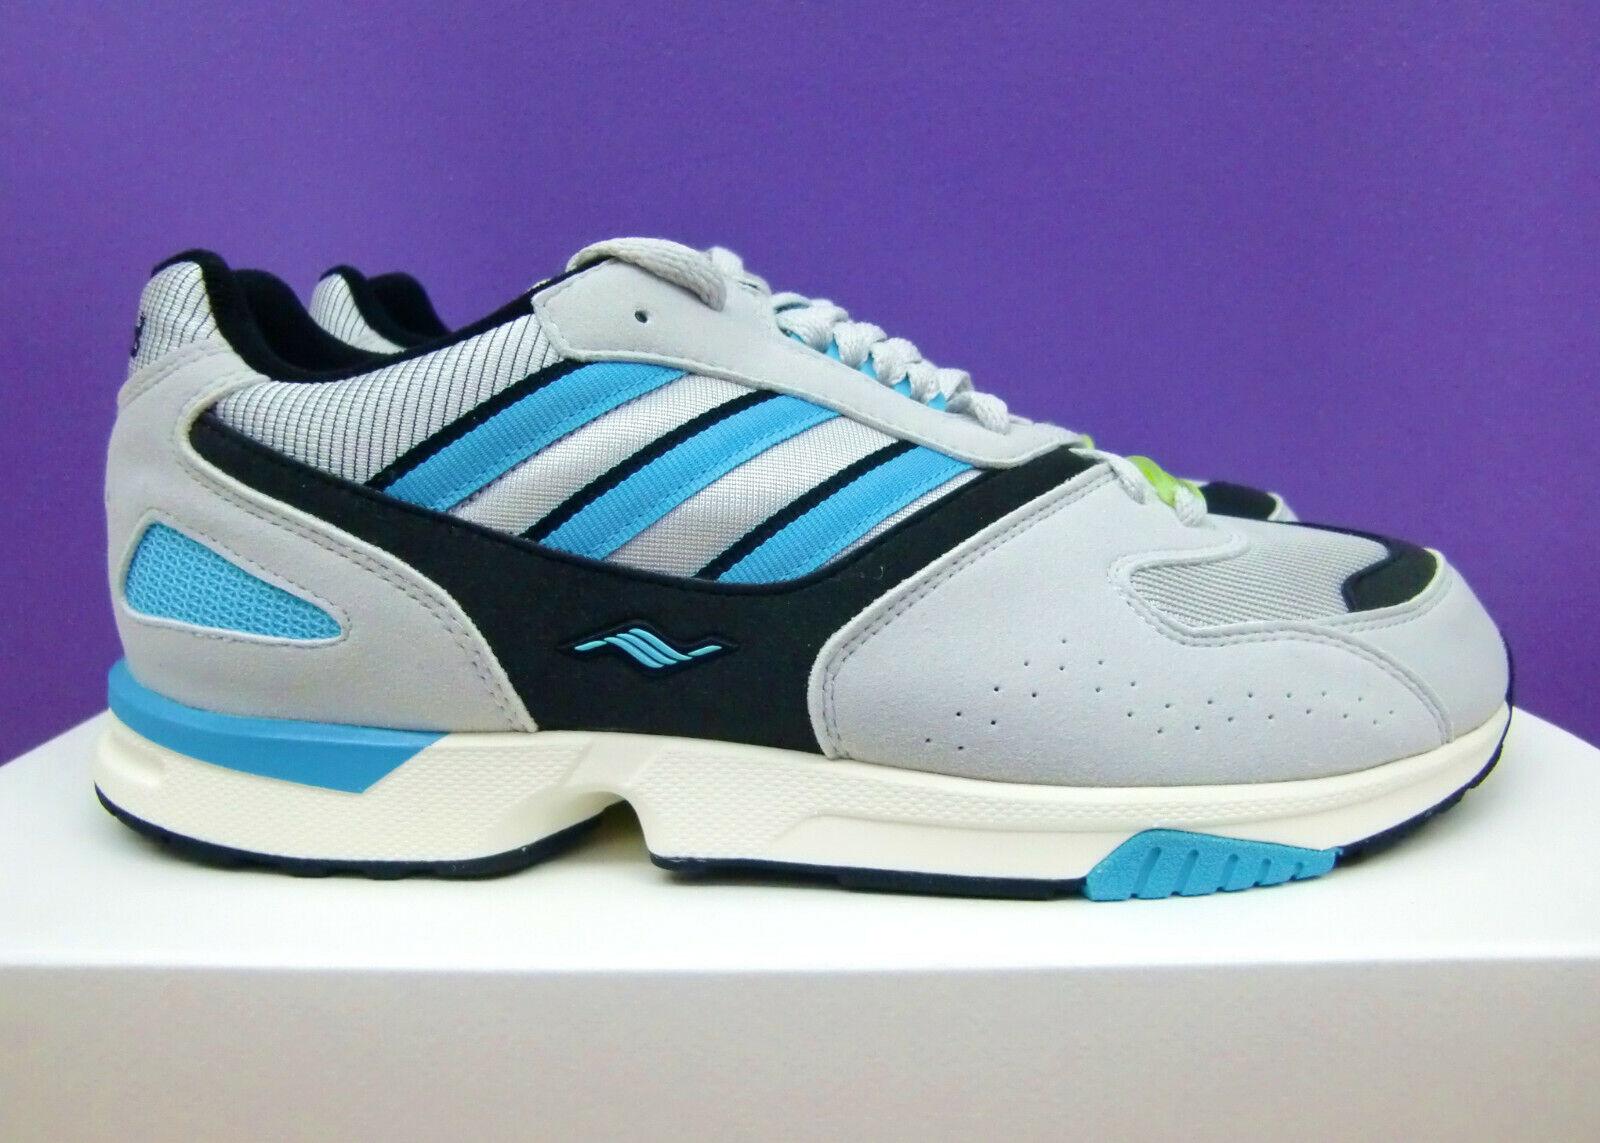 Adidas x Consortium ZX 4000 OG Gr. 37 1 3 UK 4,5 NEU OVP 8000 9000 10000